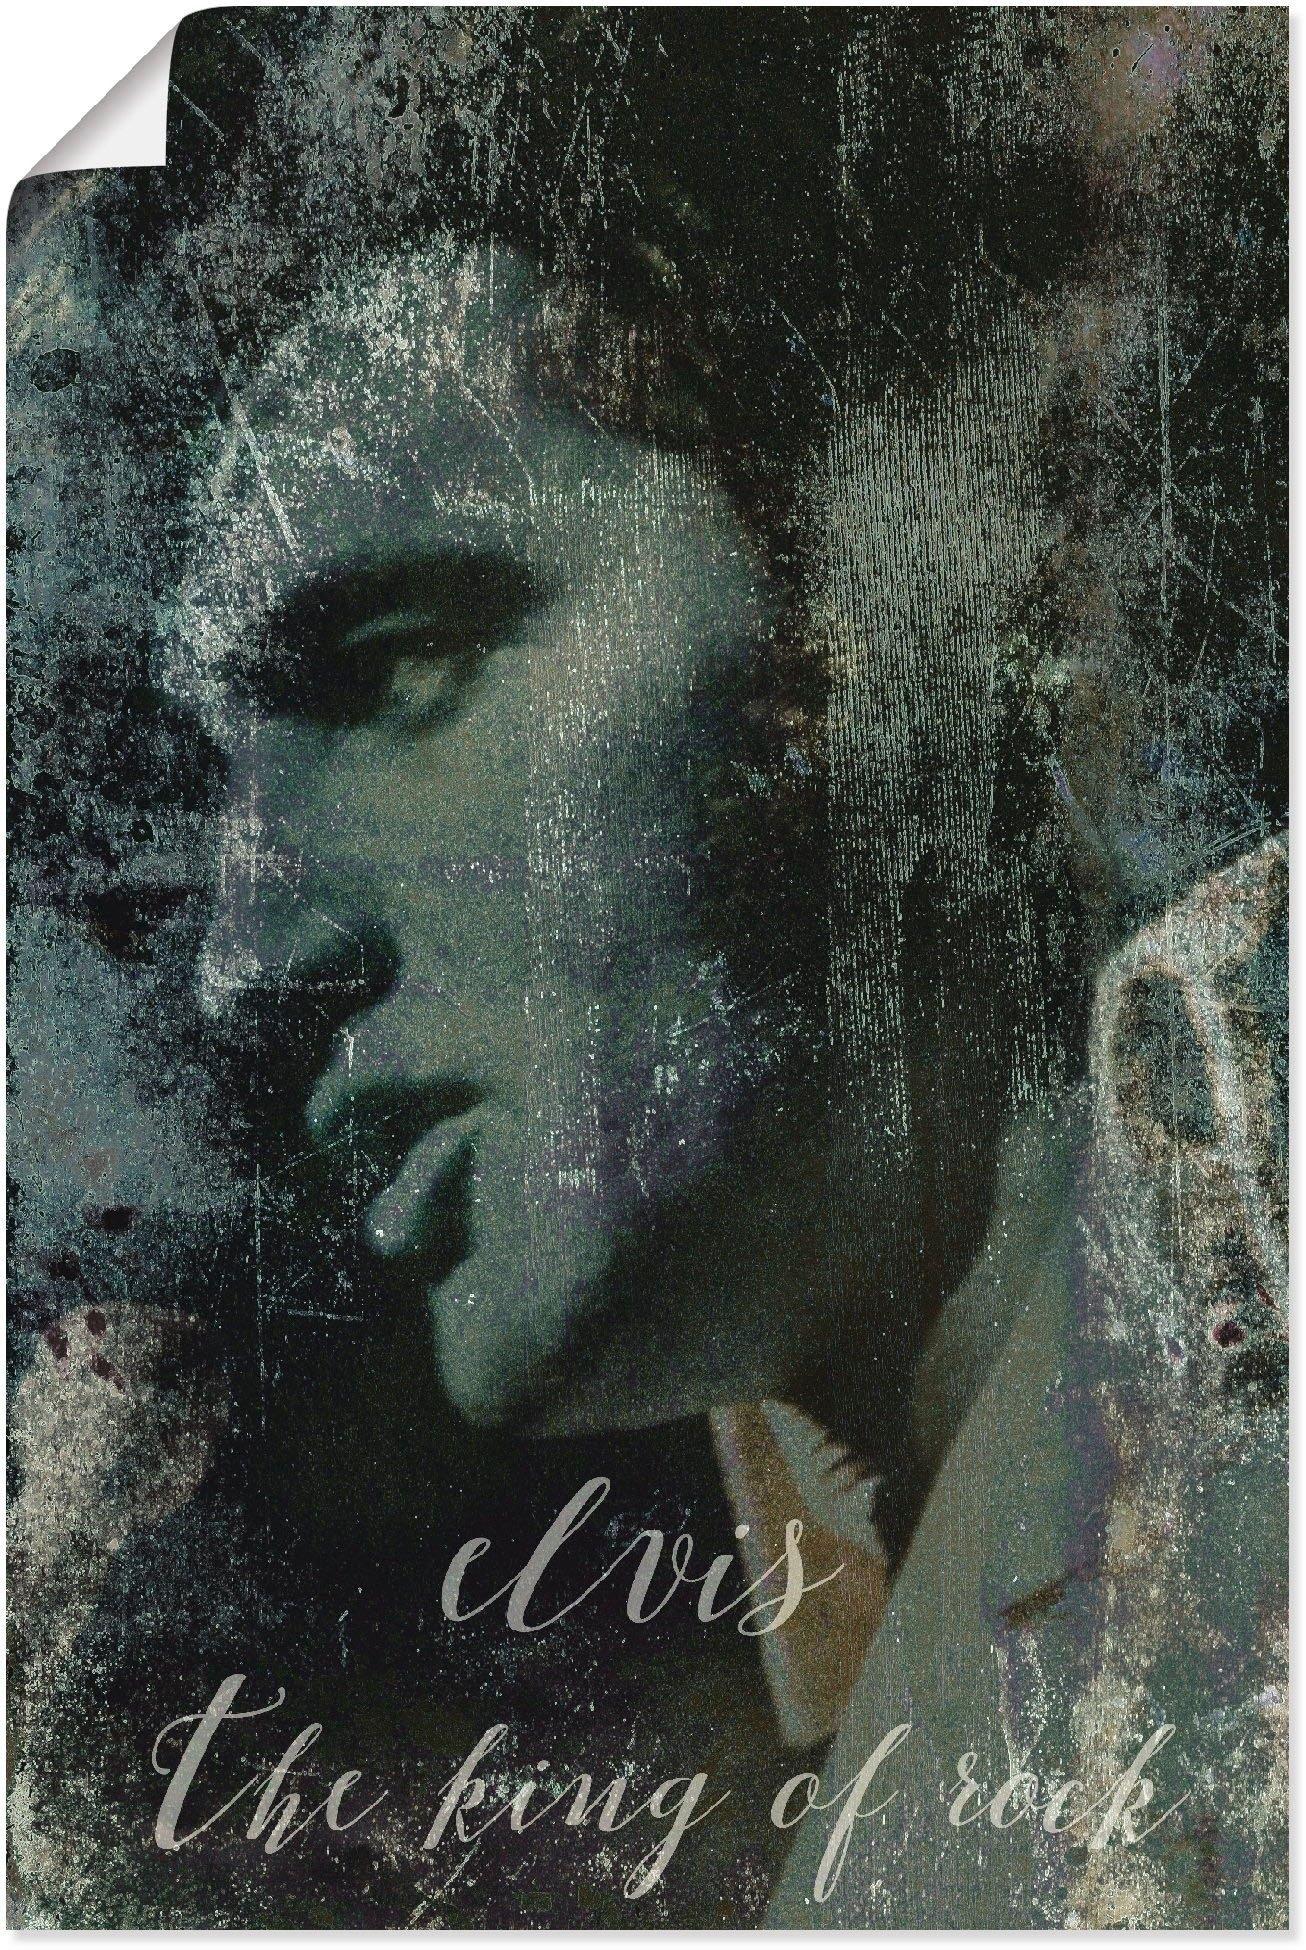 Artland artprint »Elvis the King« bestellen: 30 dagen bedenktijd